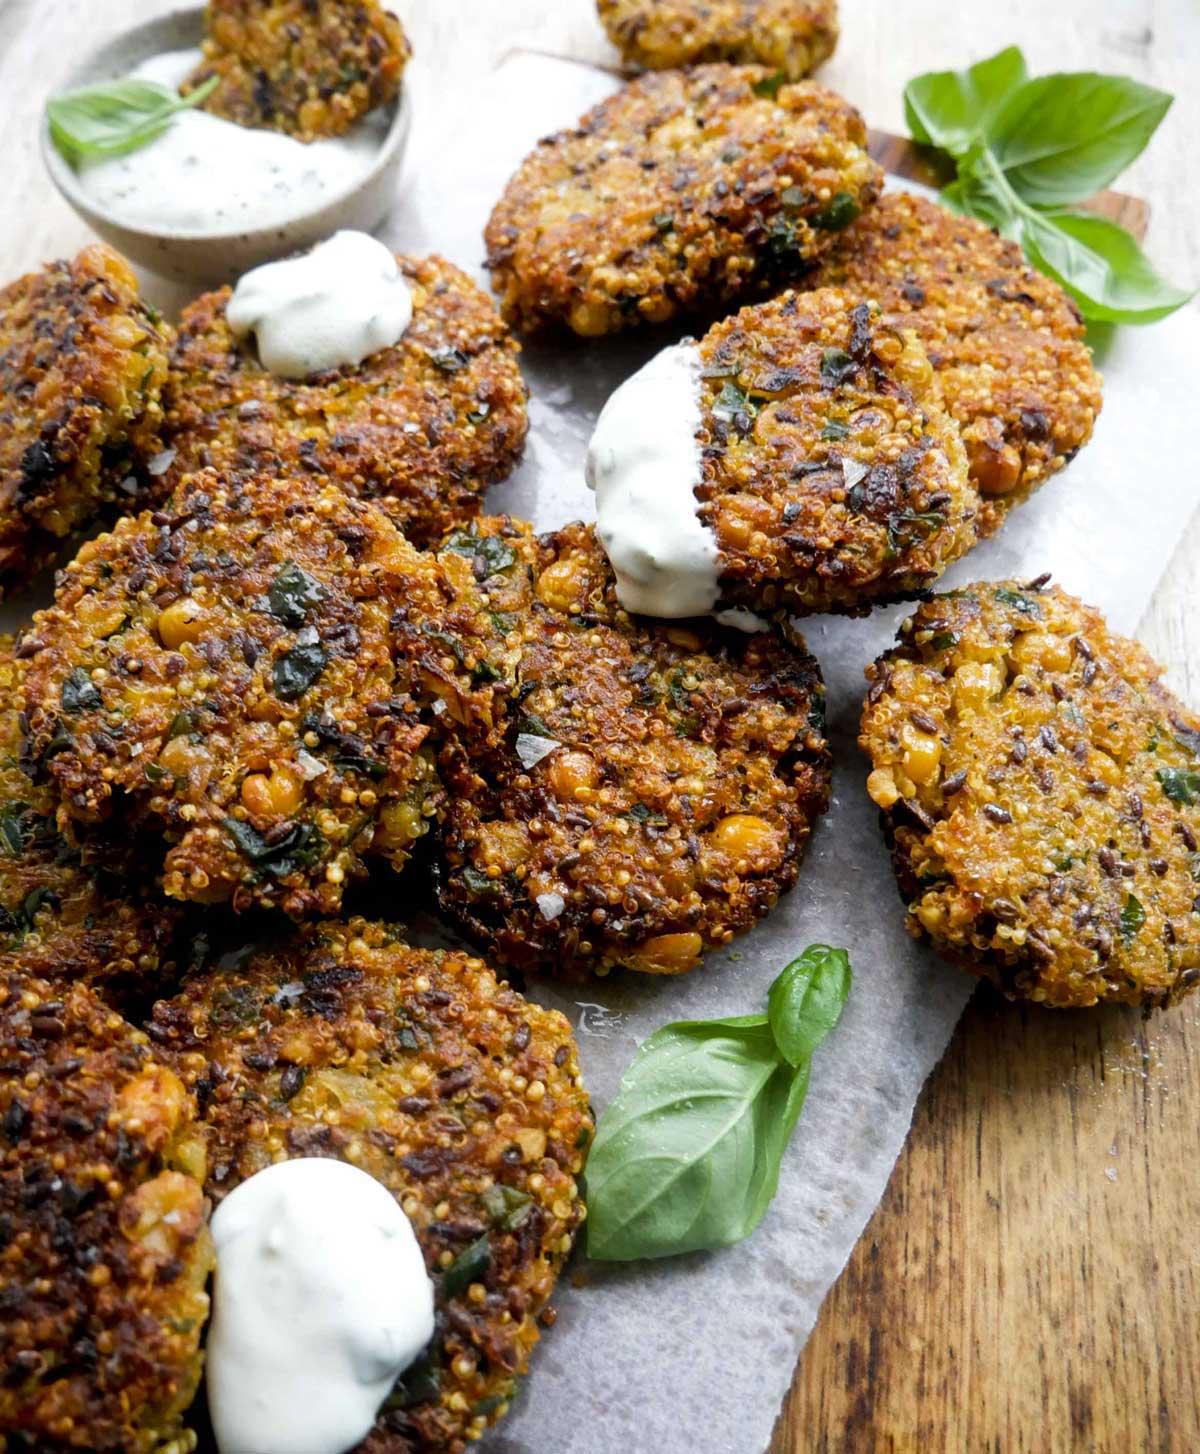 frikadeller med quinoa som tilbehør eller til salatskålen